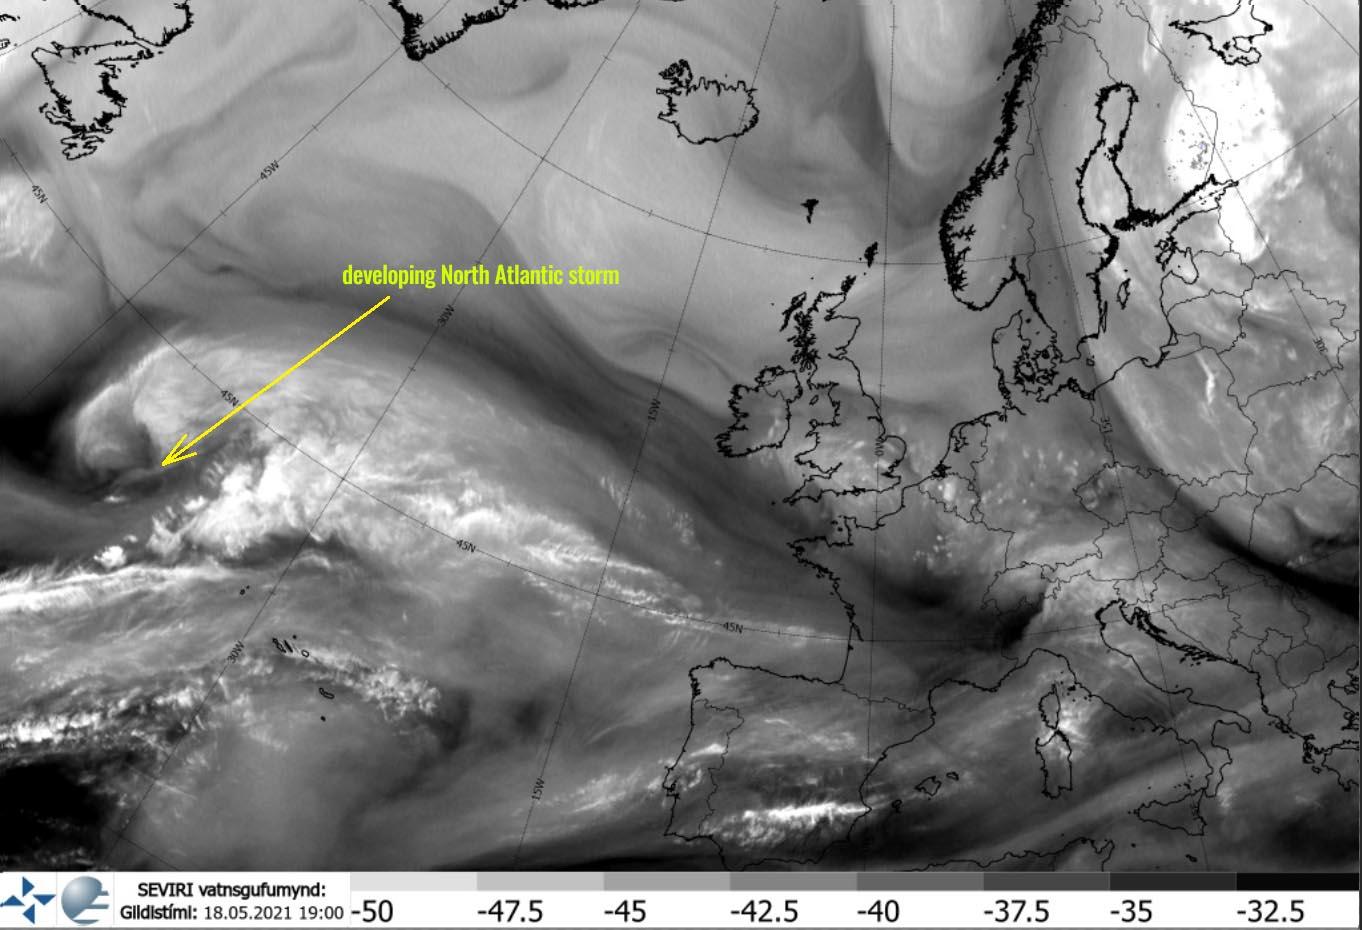 north-atlantic-storm-windstorm-ireland-water-vapor-satellite